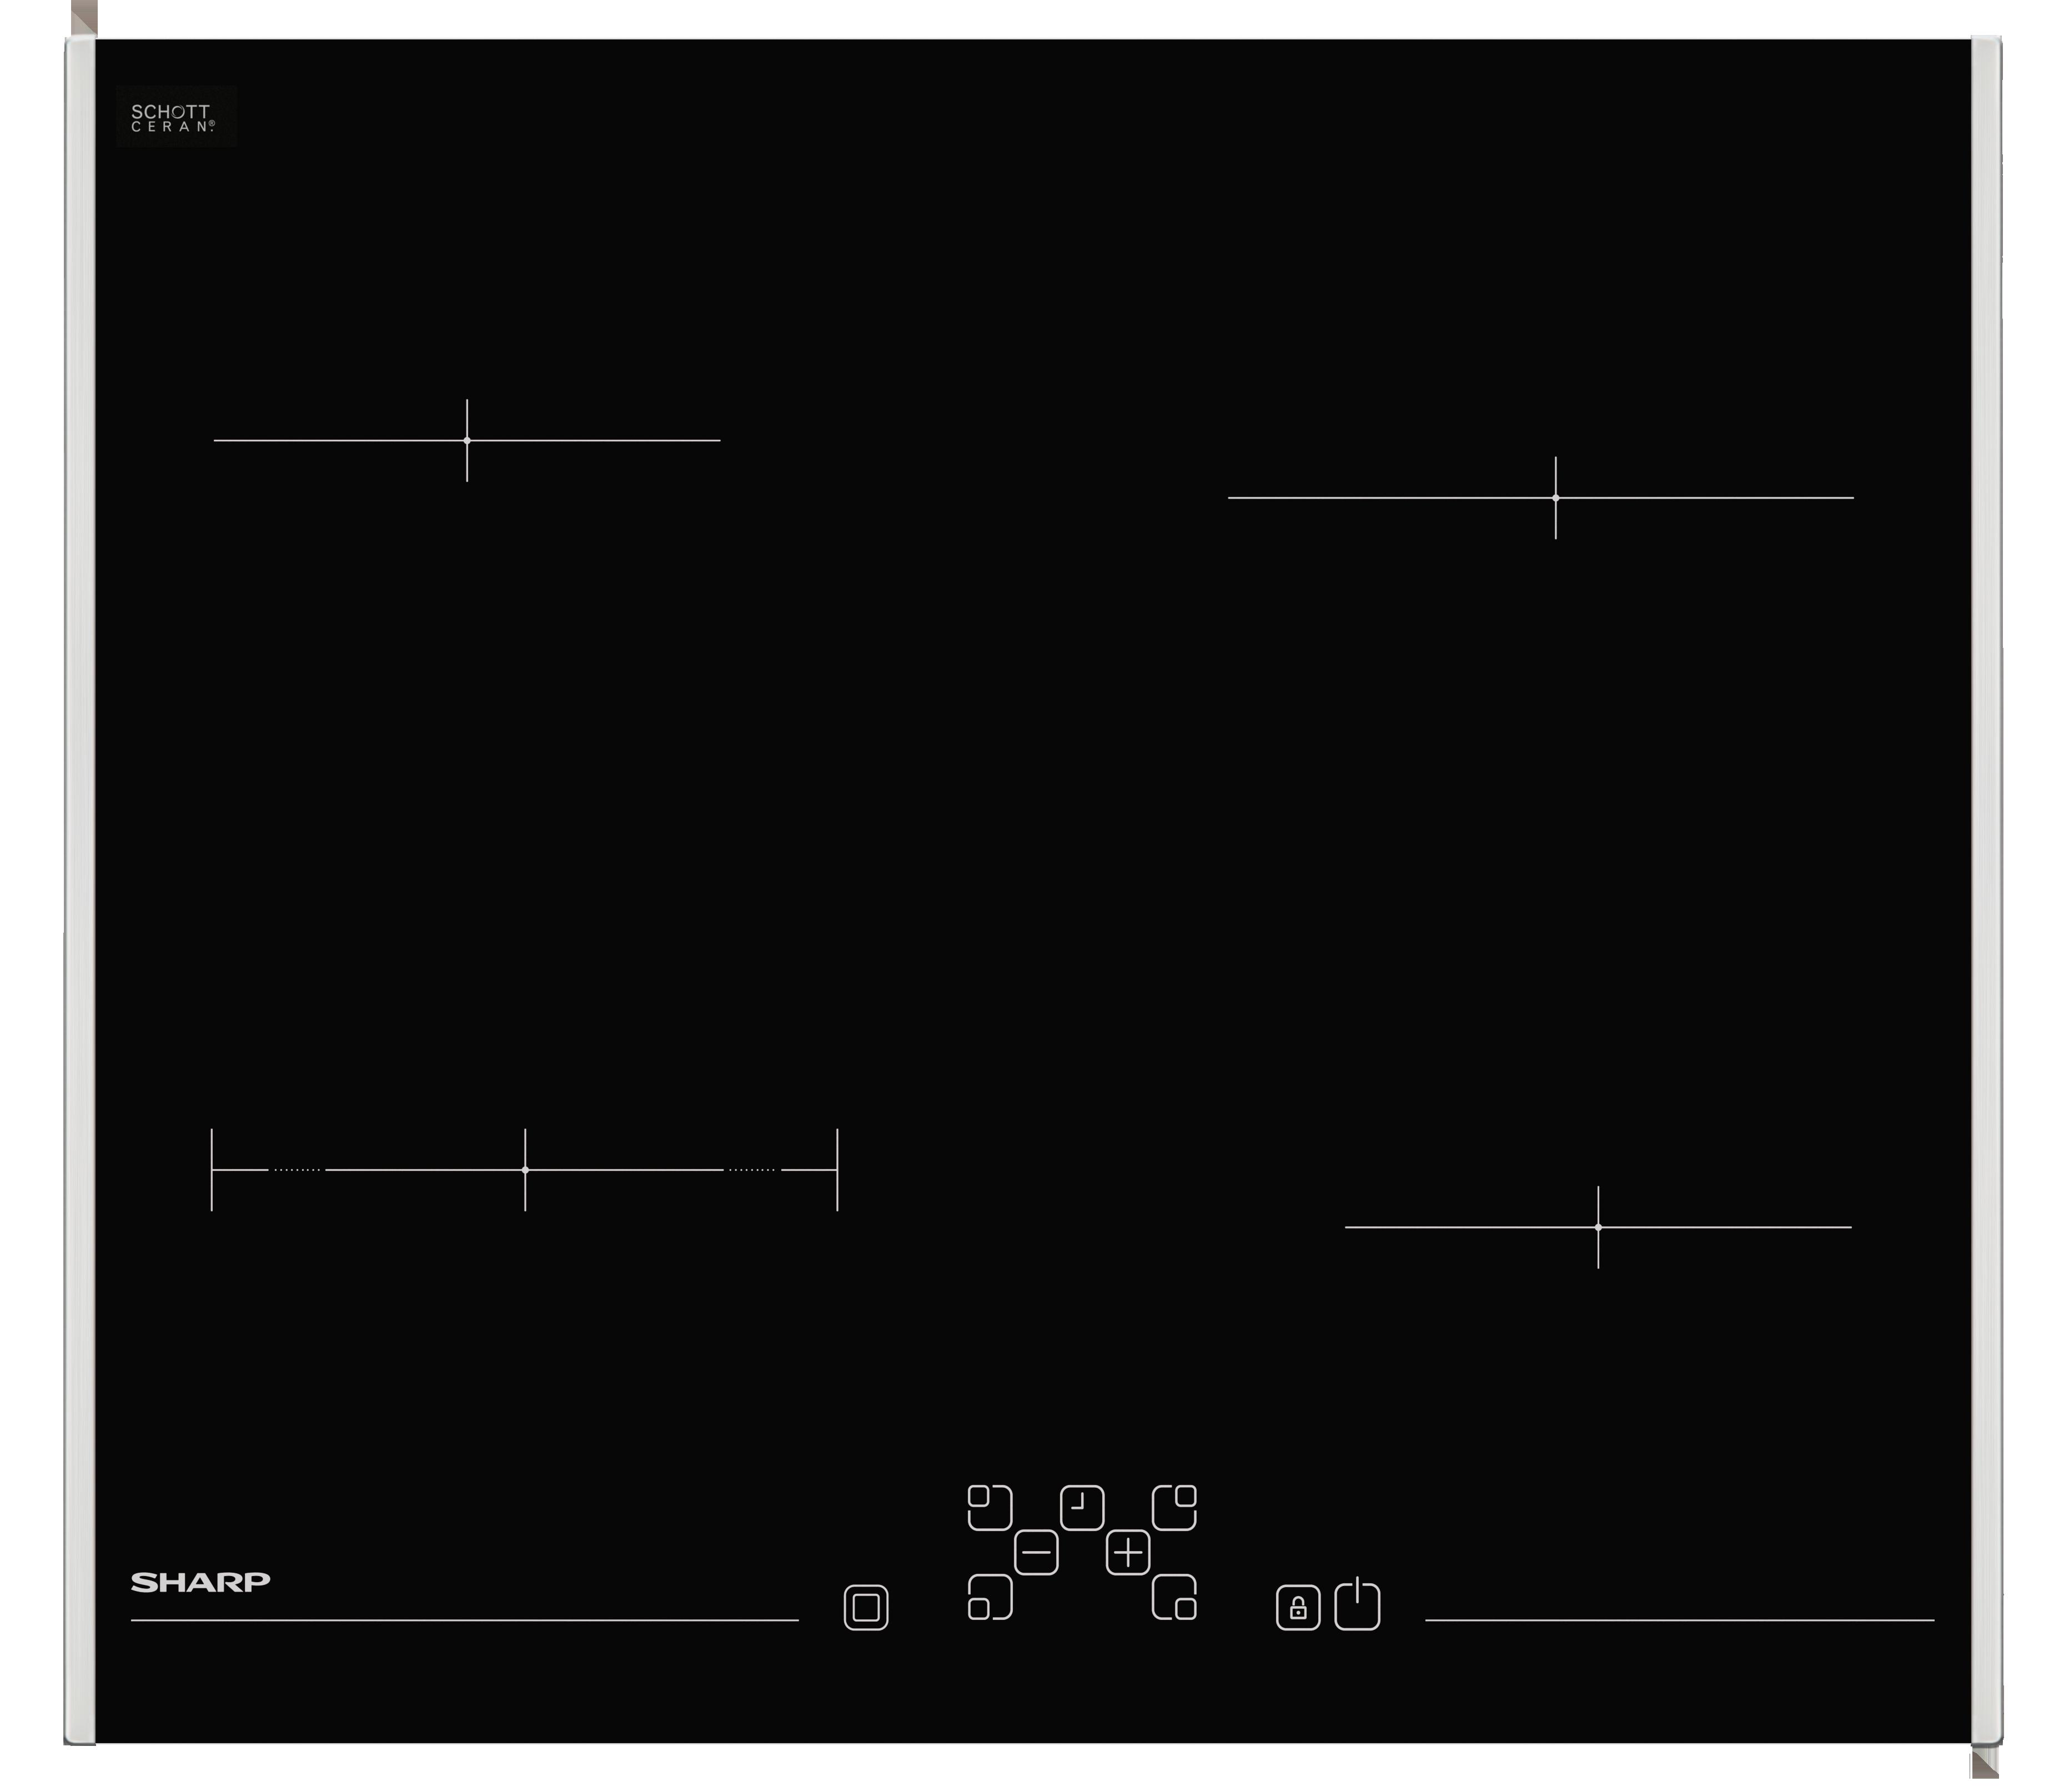 Sharp KH6V08FT00EU Fekete üvegkerámia főzőlap